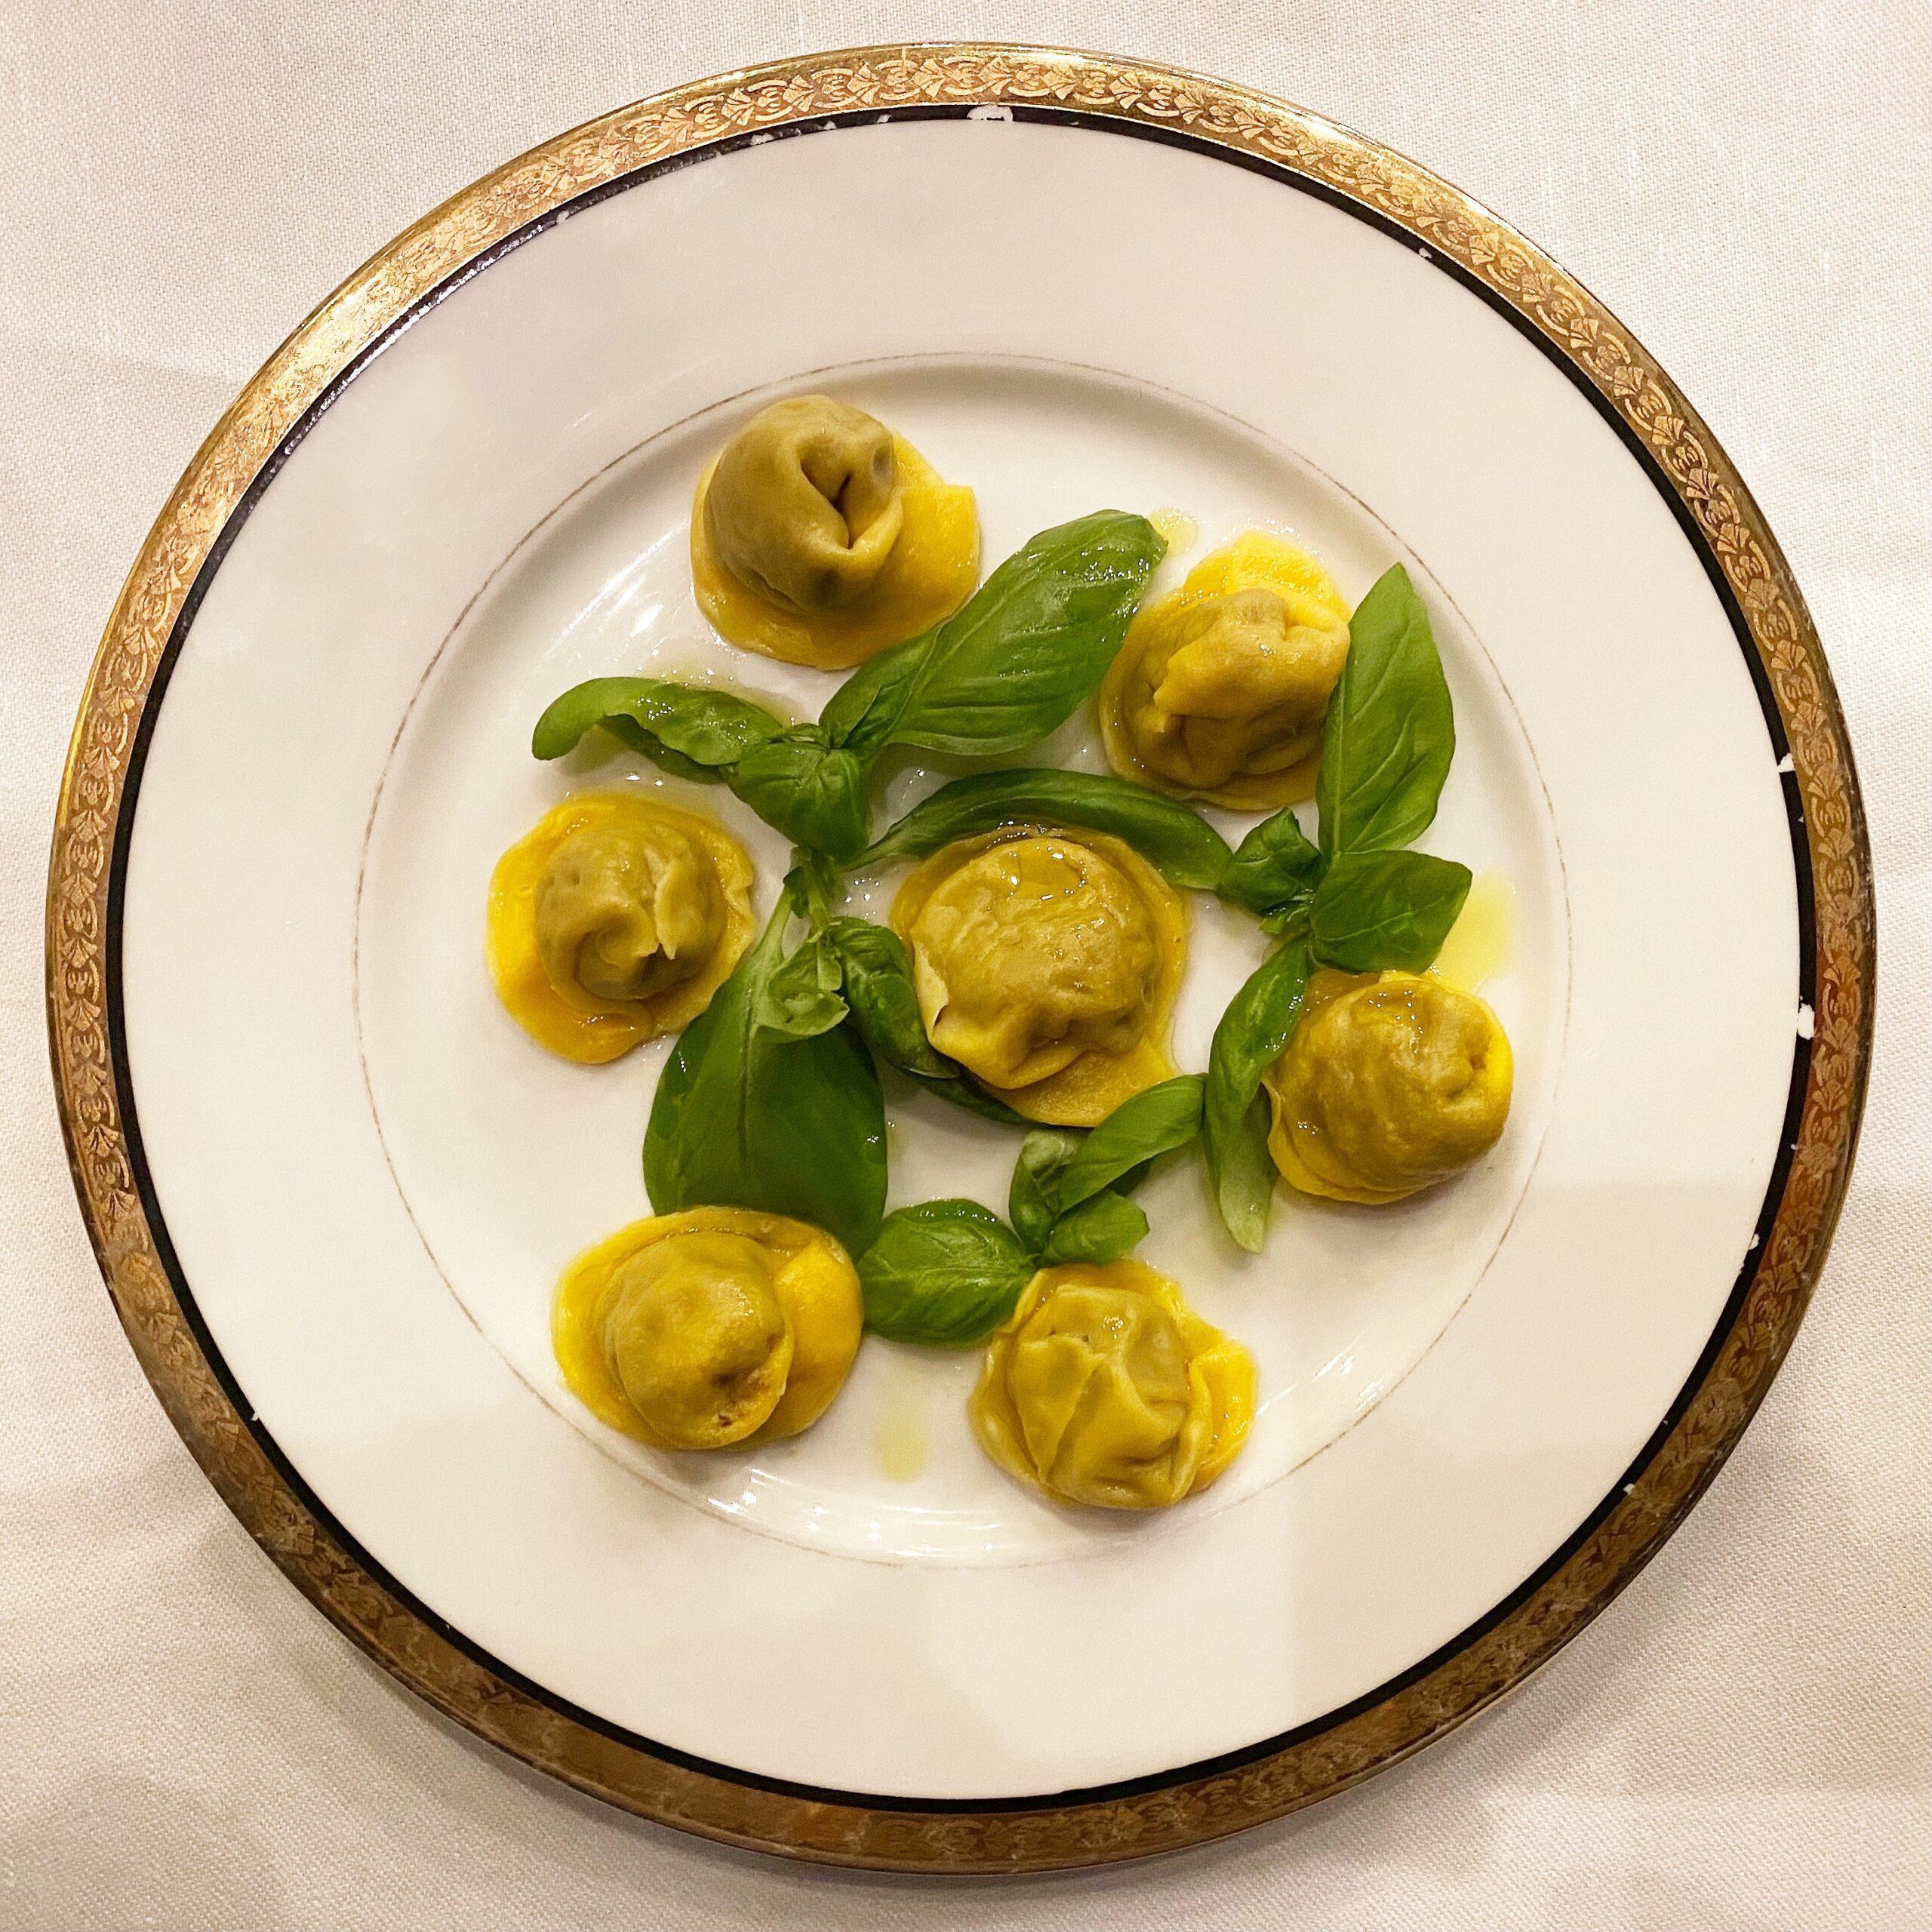 Gianni D'Amato Tellaro - Cappellettoni di crostacei, seppie, muscoli, verdure e basilico di Prà